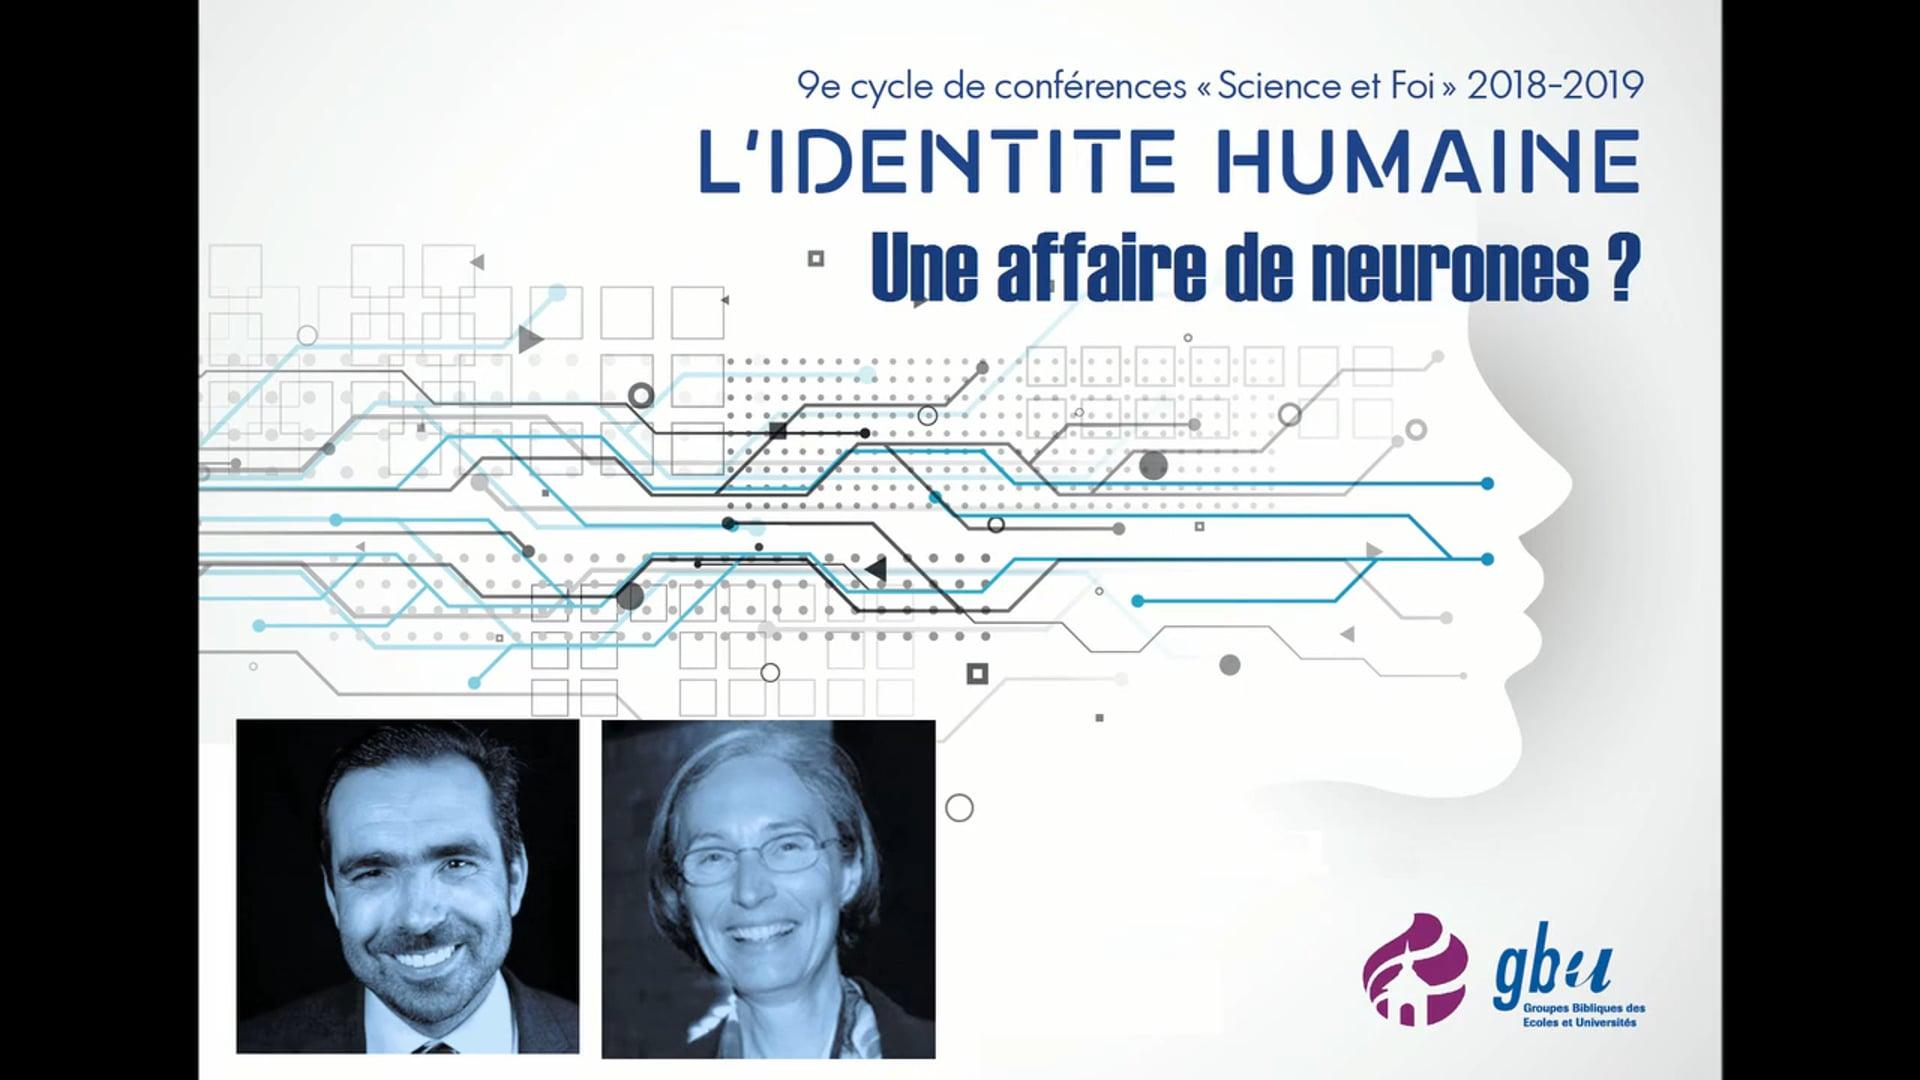 L'identité humaine, une affaire de neurones?_07.10.18